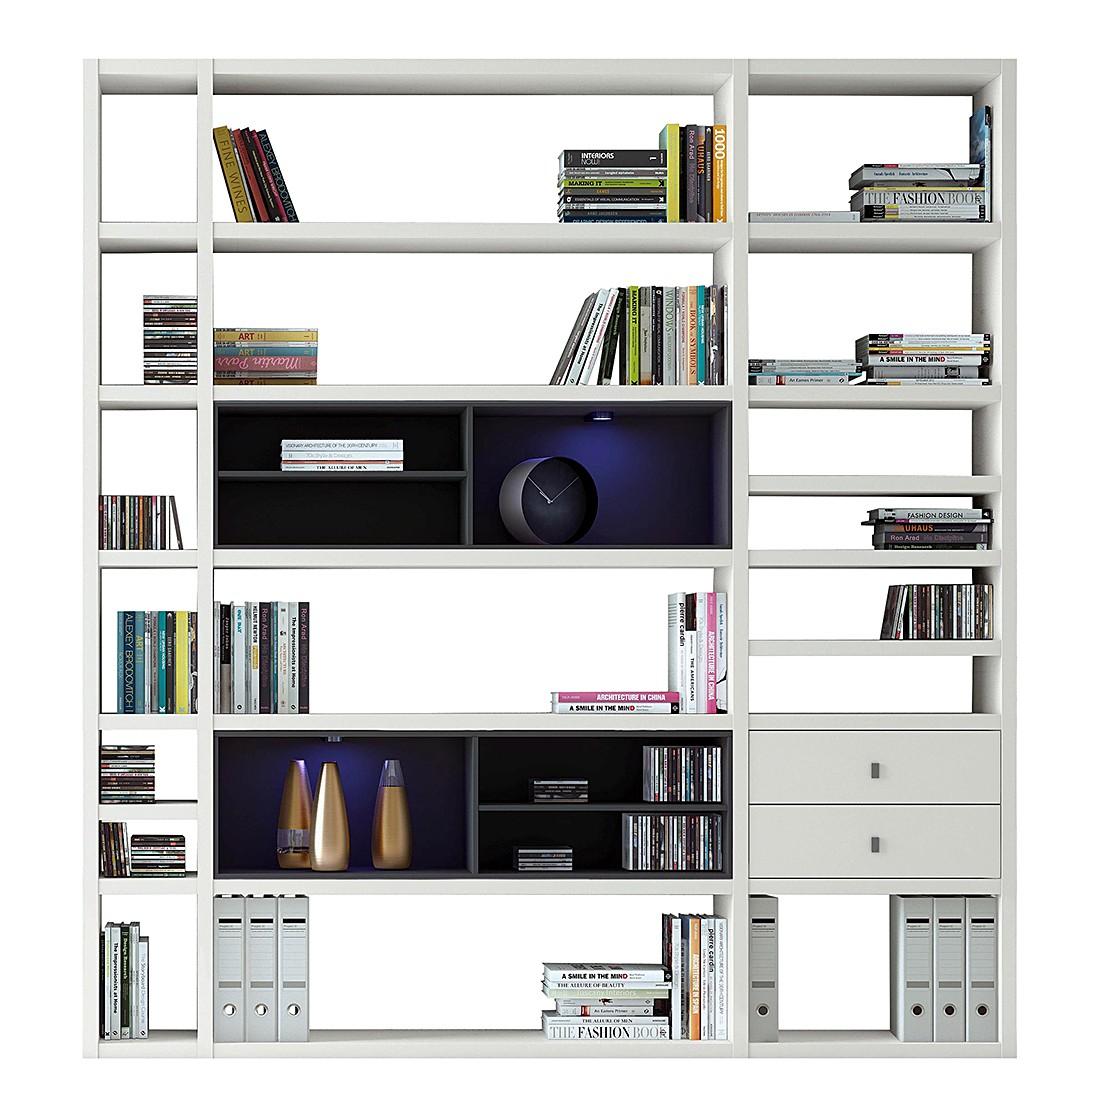 XL Regalwand Emporior II – Schwarz – Matt Weiß Mit Beleuchtung, loftscape günstig